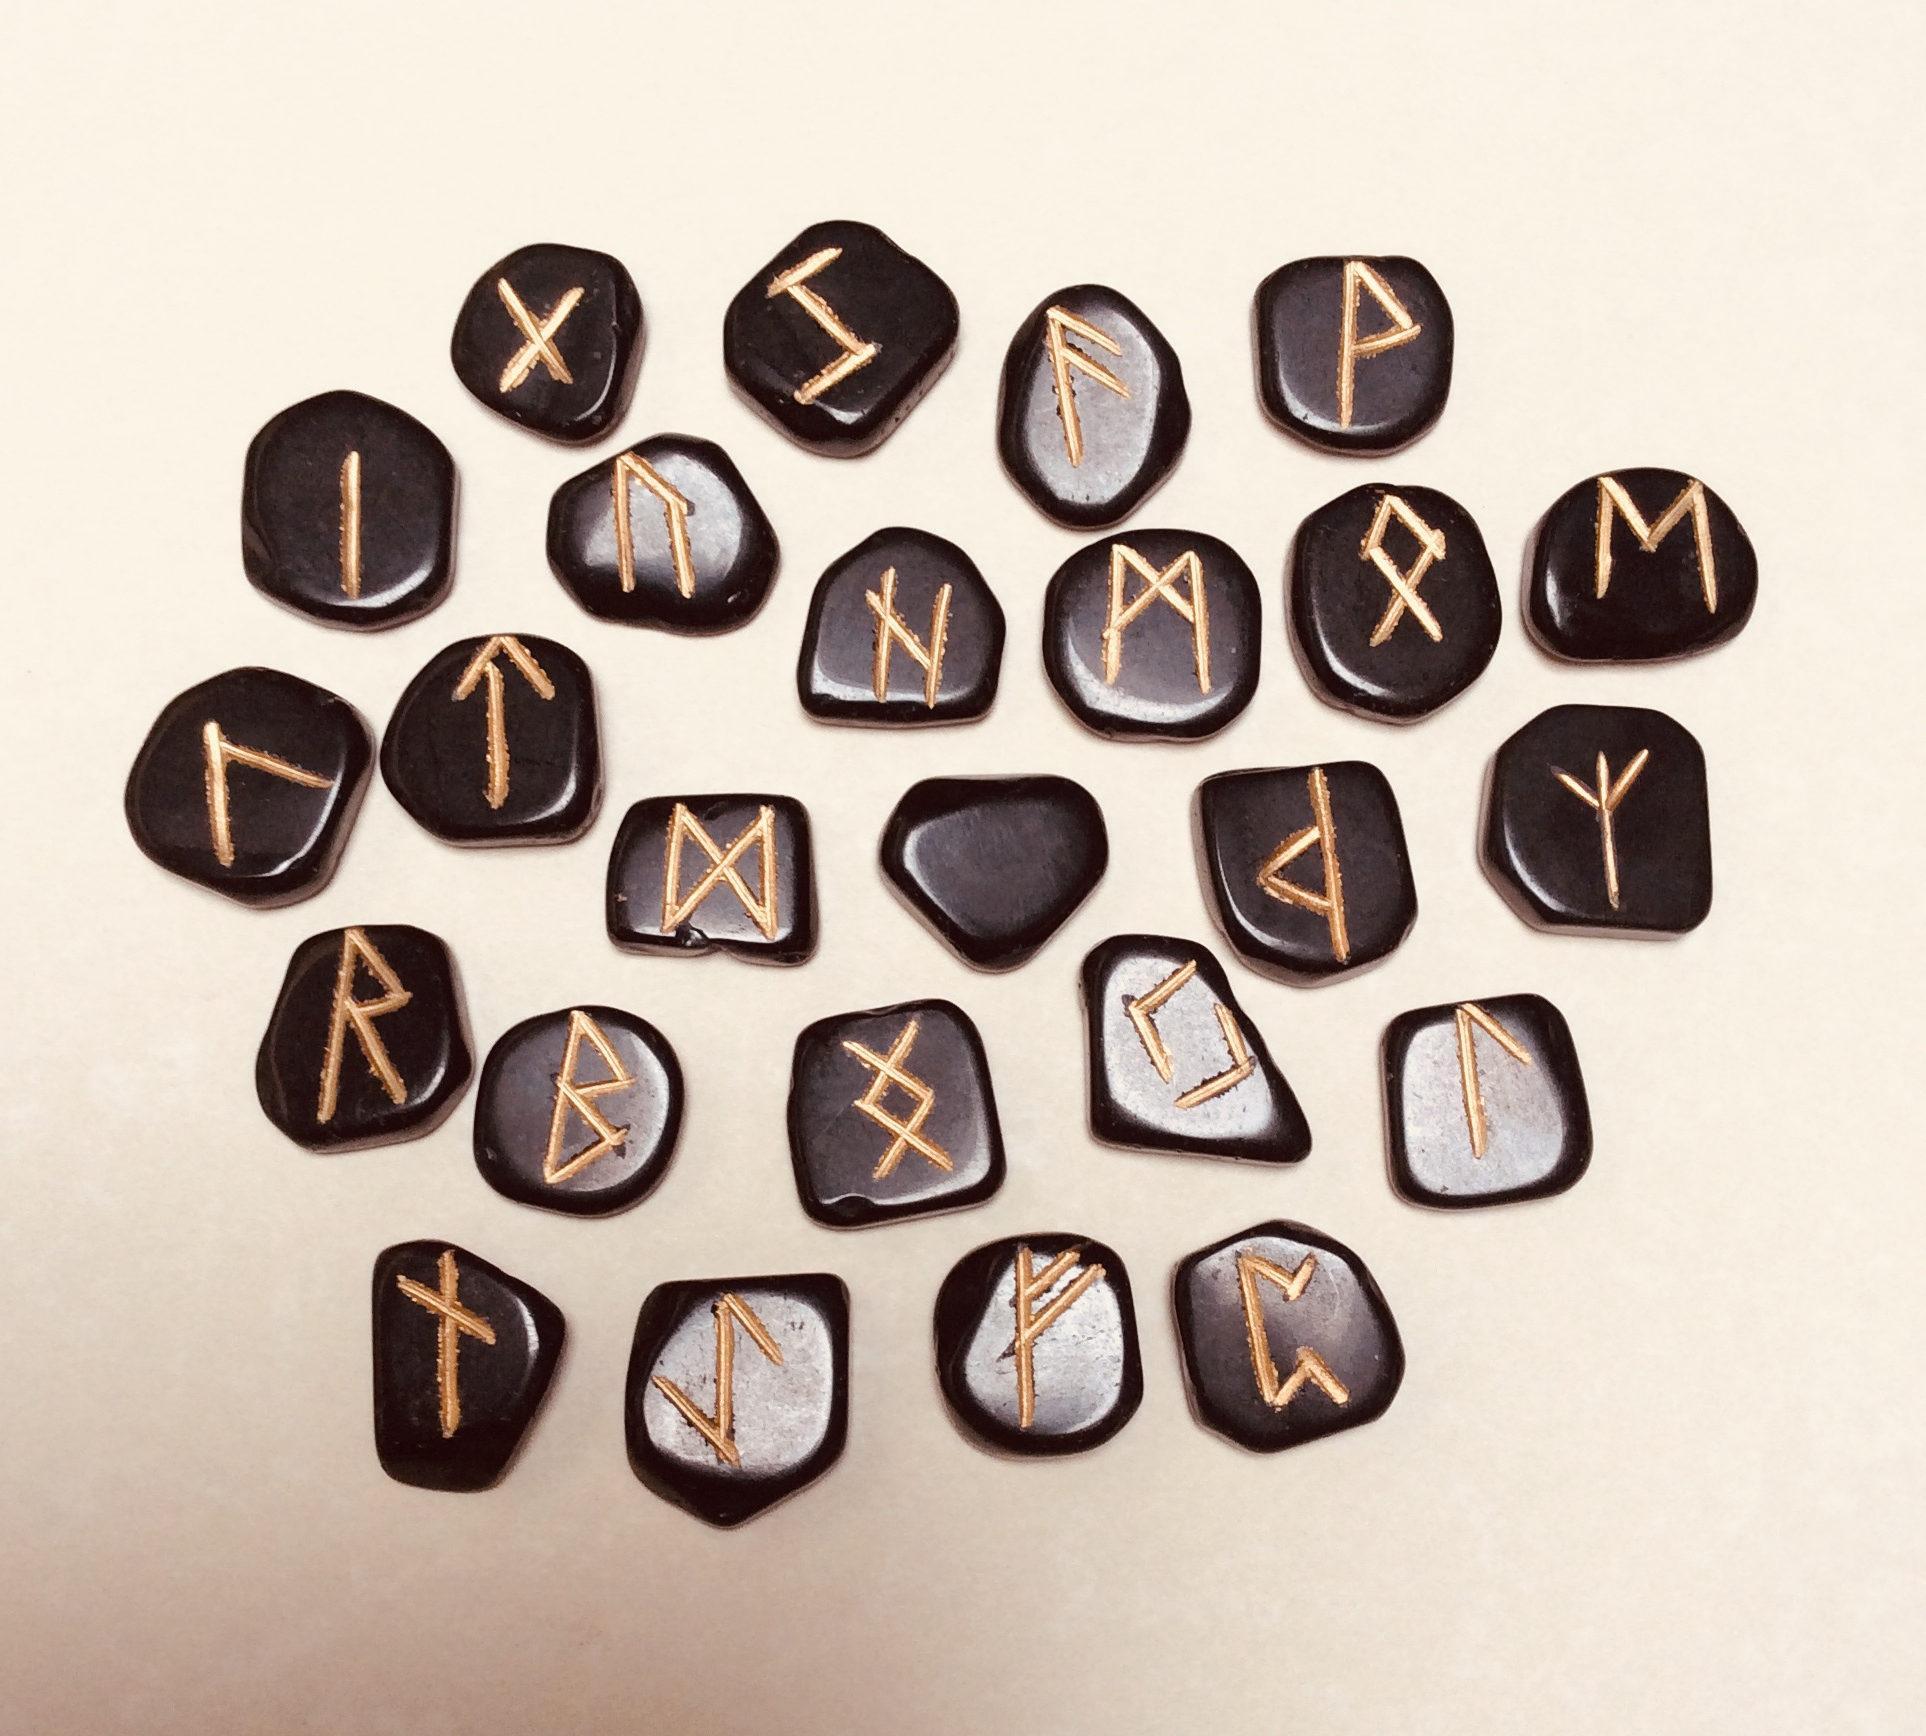 Obsidian runestones